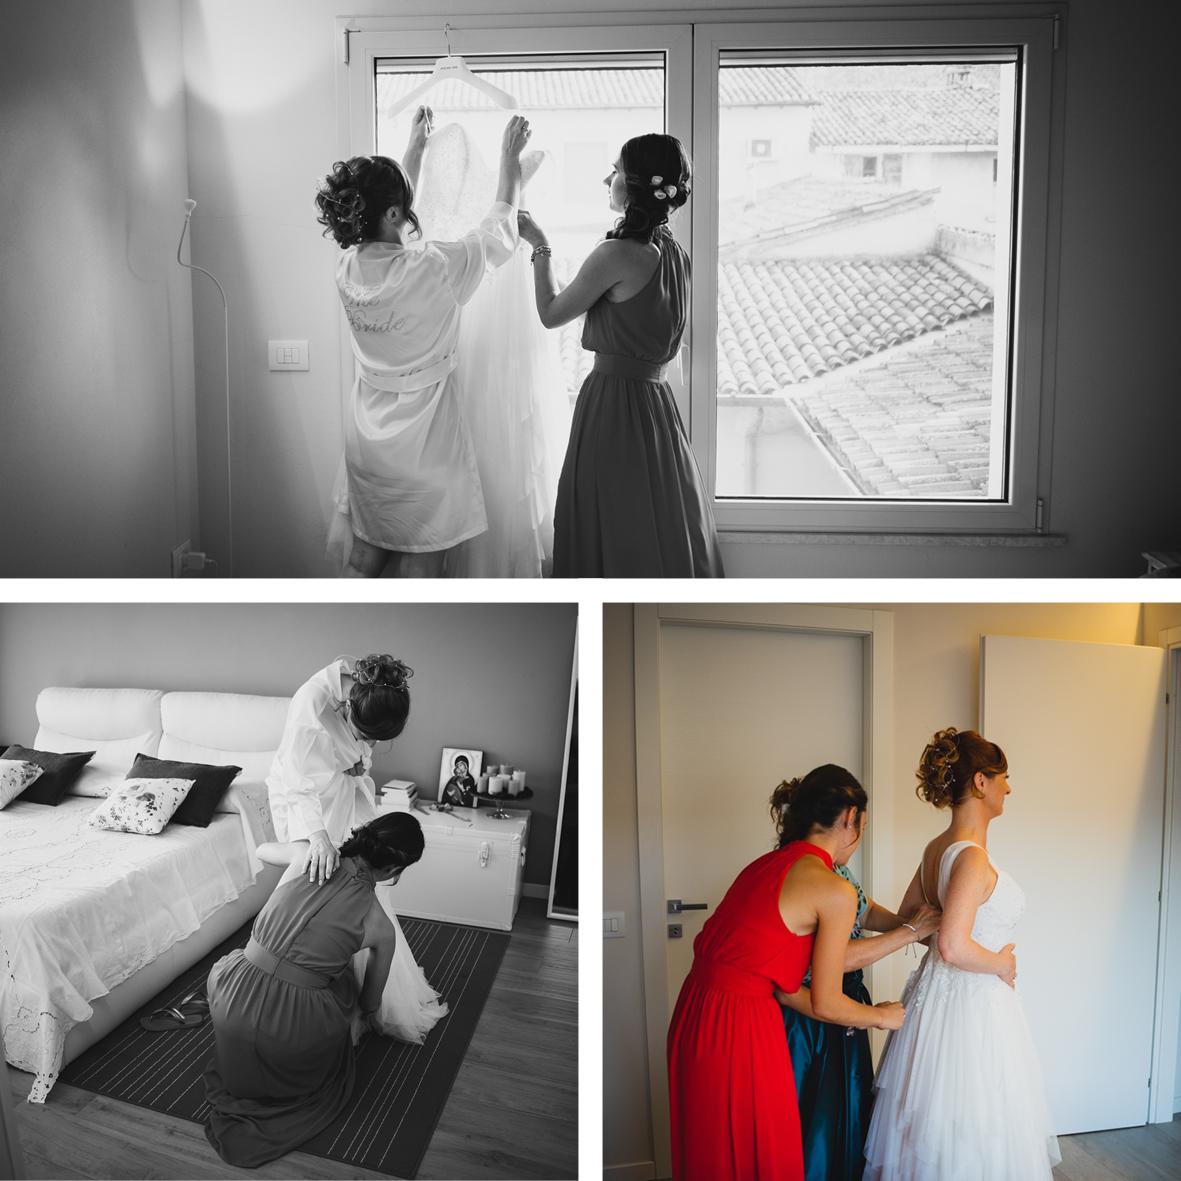 Fotografo matrimonio Brescia reportage di matrimonio Federico Rongaroli8